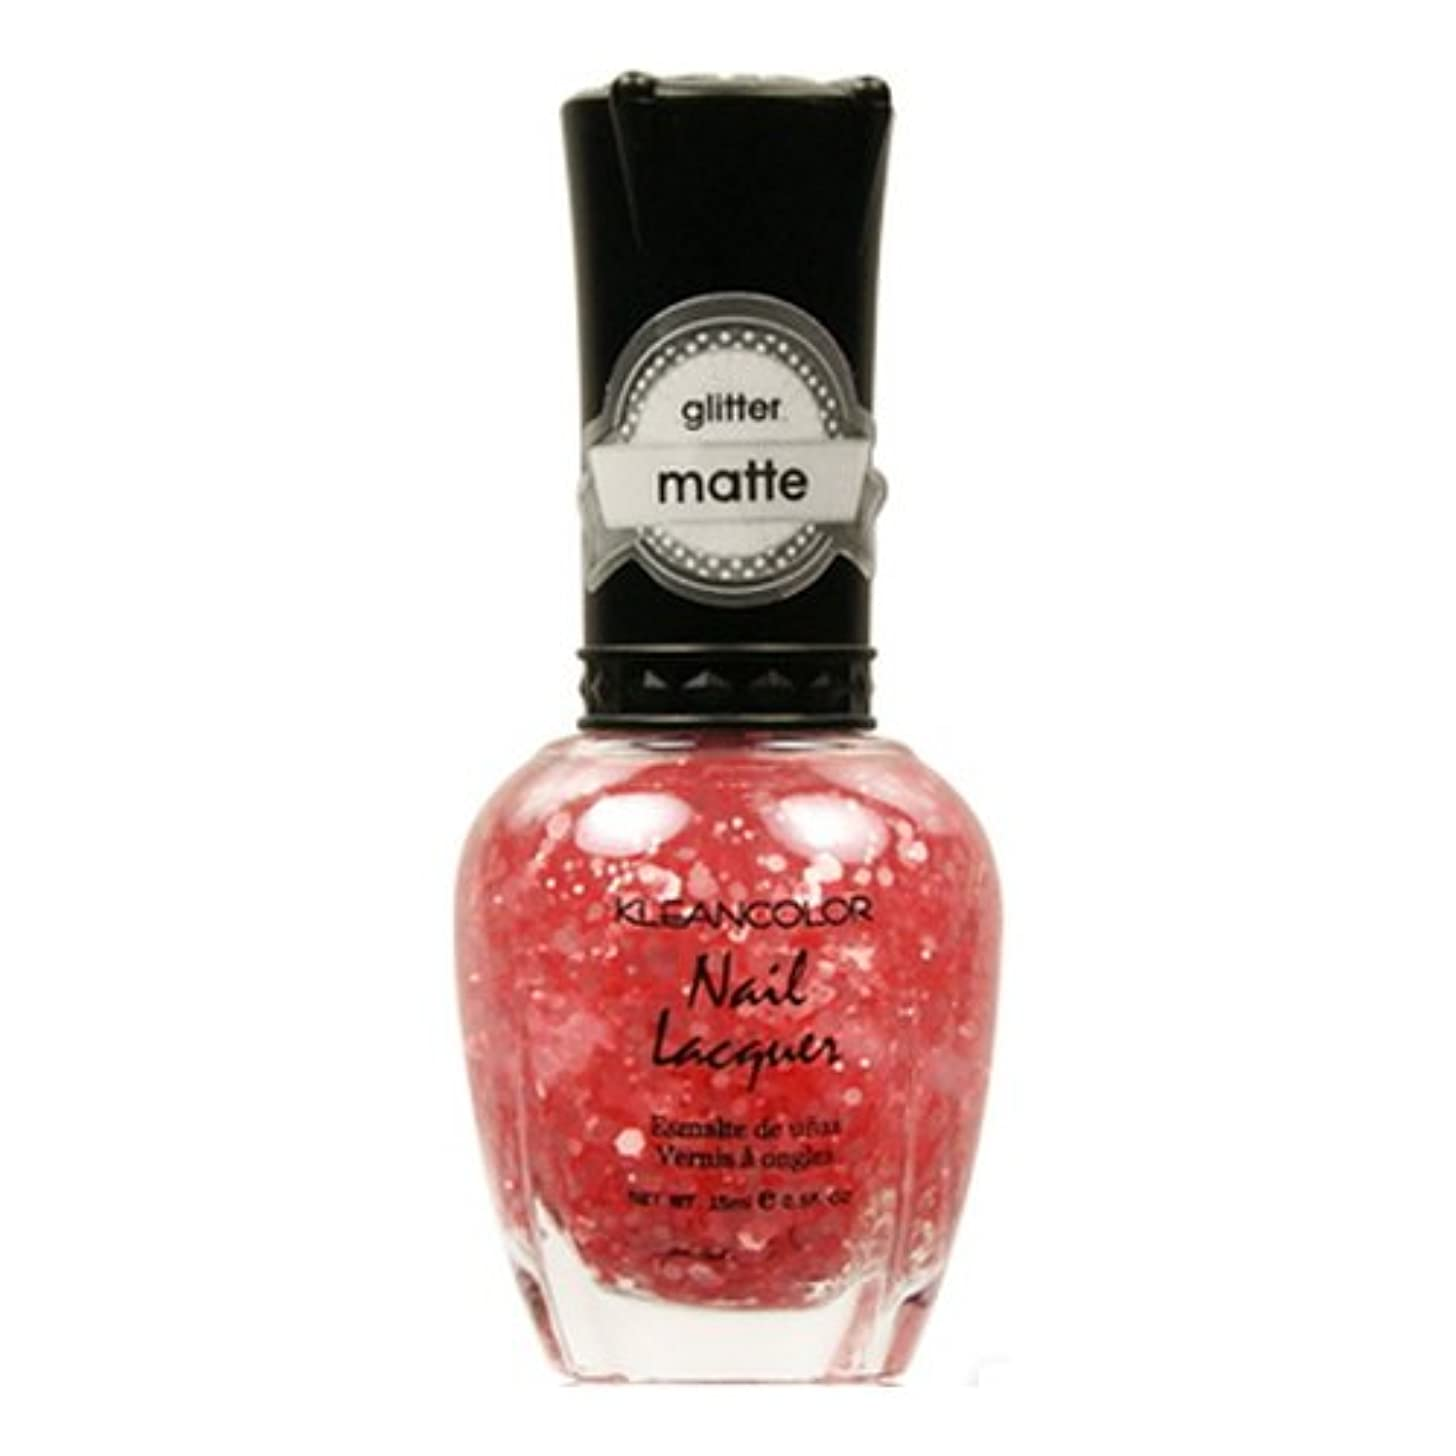 探検津波行く(3 Pack) KLEANCOLOR Glitter Matte Nail Lacquer - Blush Pink (並行輸入品)